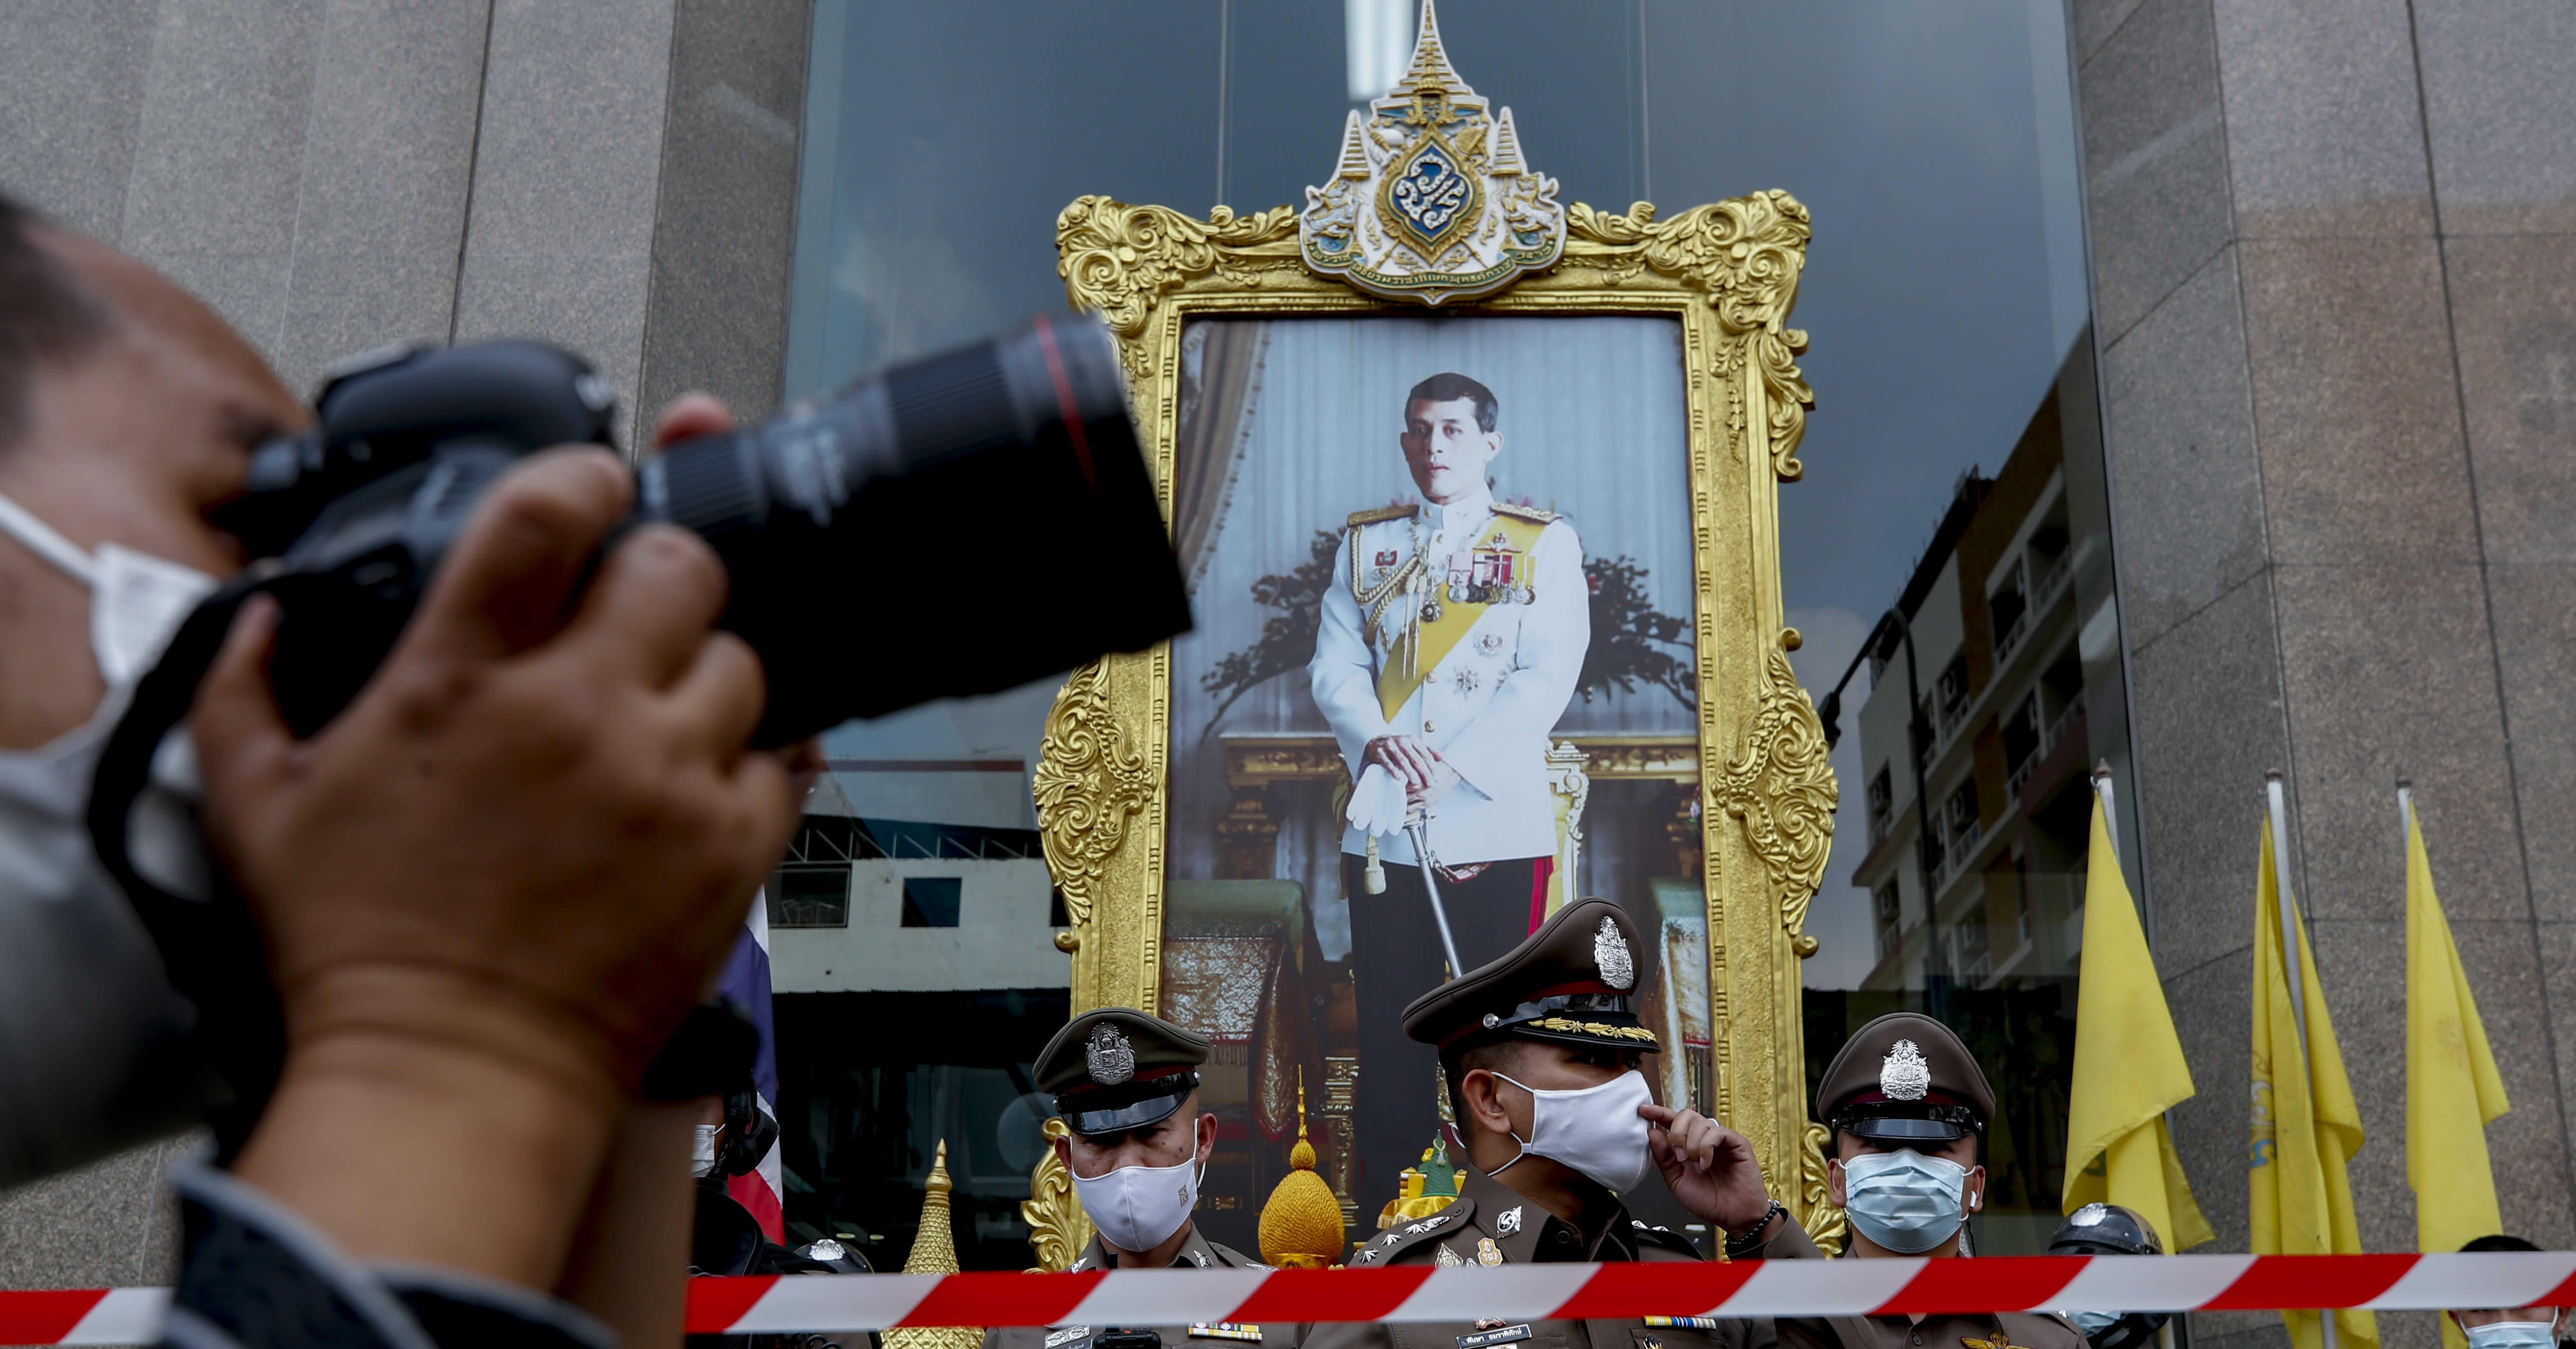 thaimaan naiset etsii miestä tampere filippiinit deitti